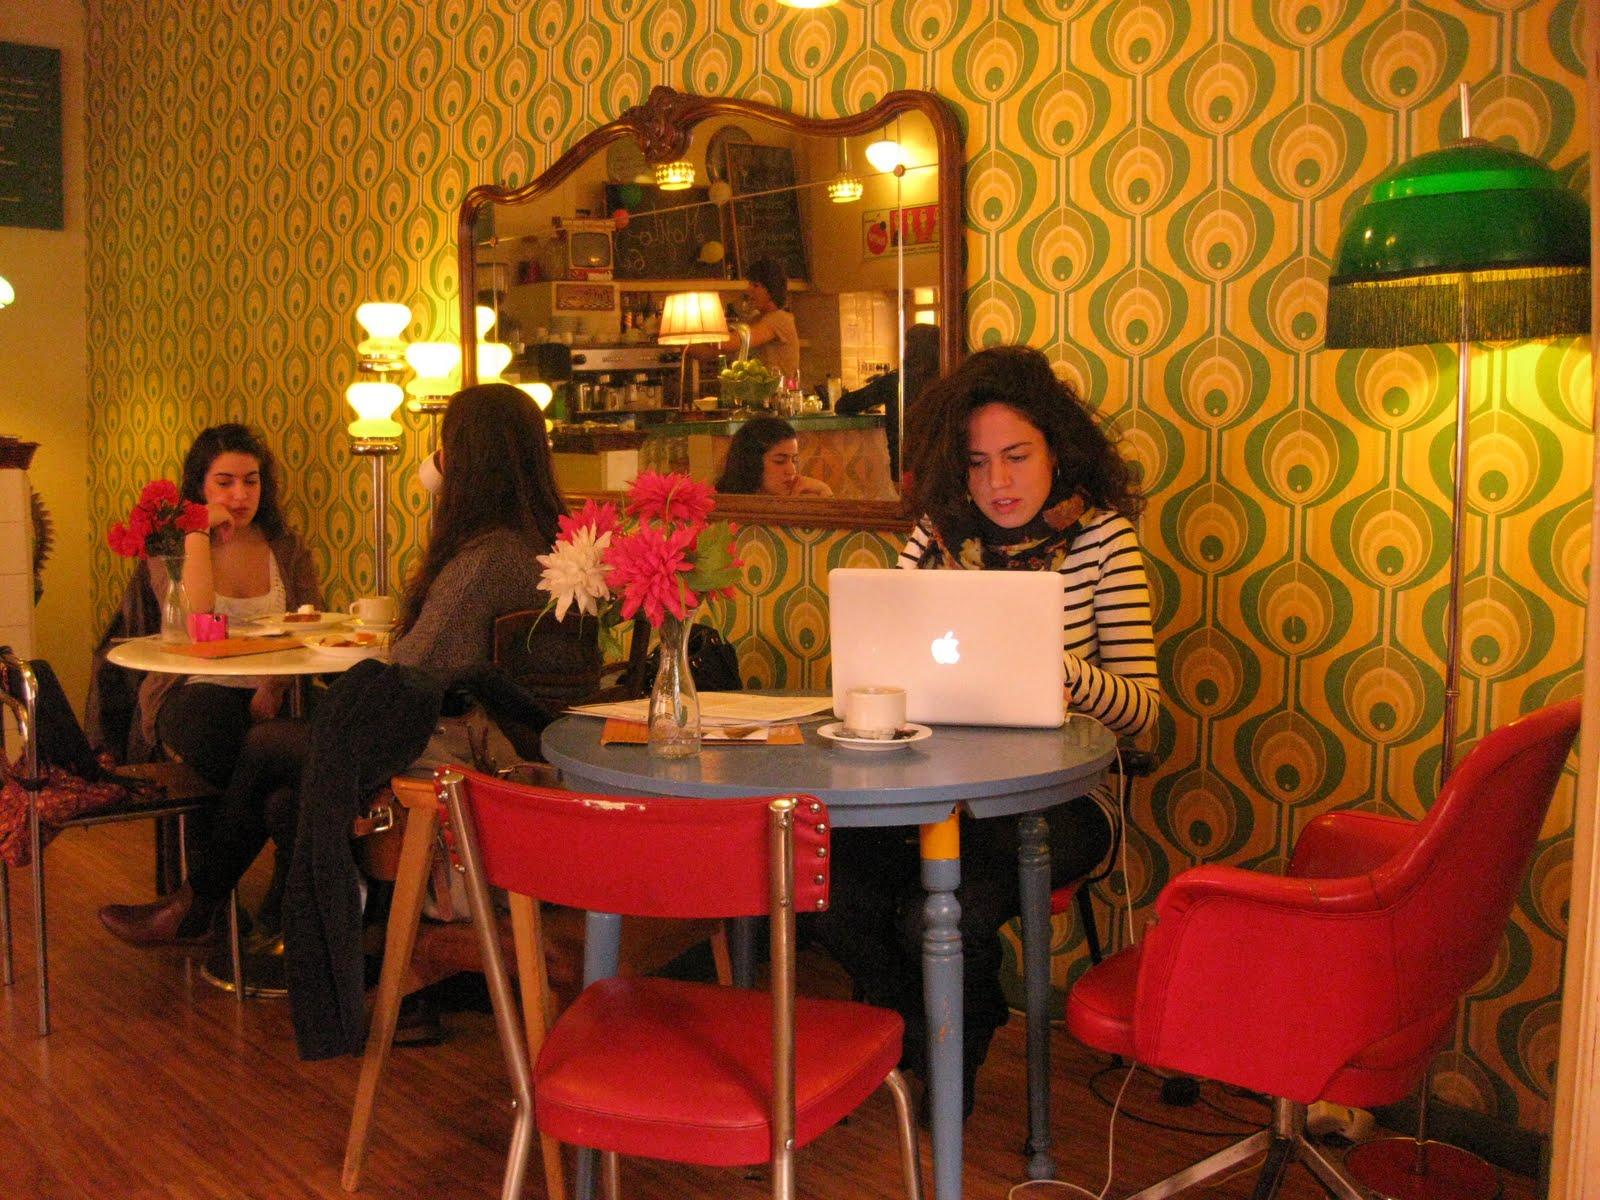 Caf s vintage la chica de la ciudad - Decoracion en los anos 50 ...